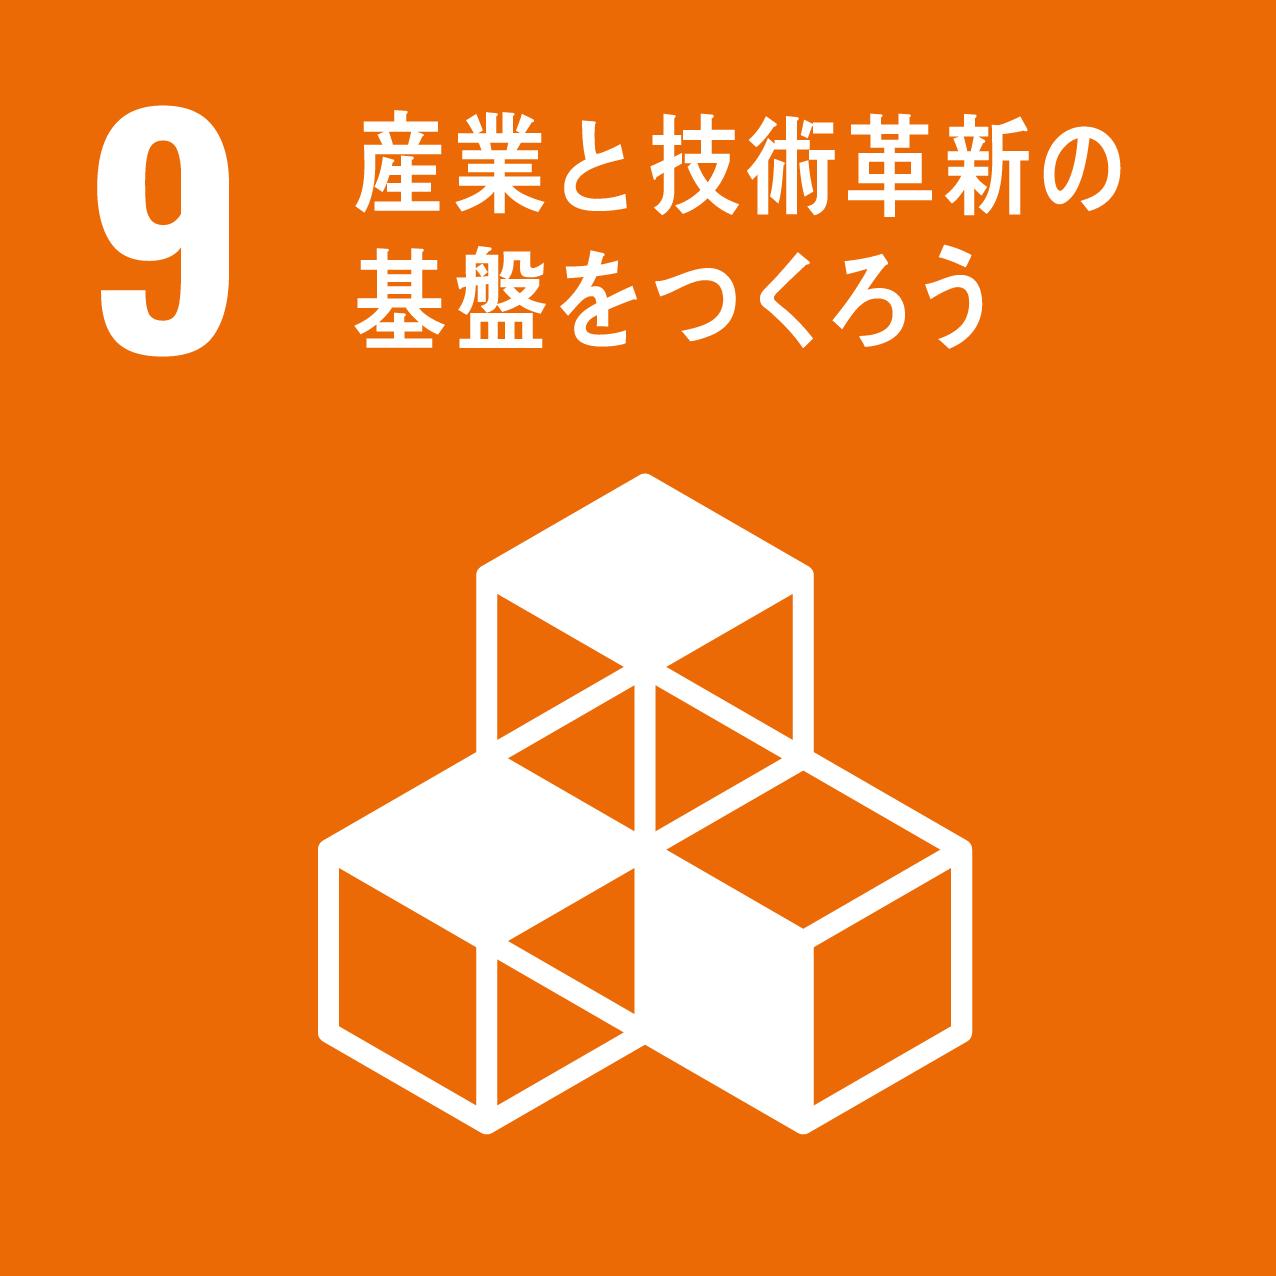 SDGs目標アイコン 9.産業と技術革新の基盤をつくろう